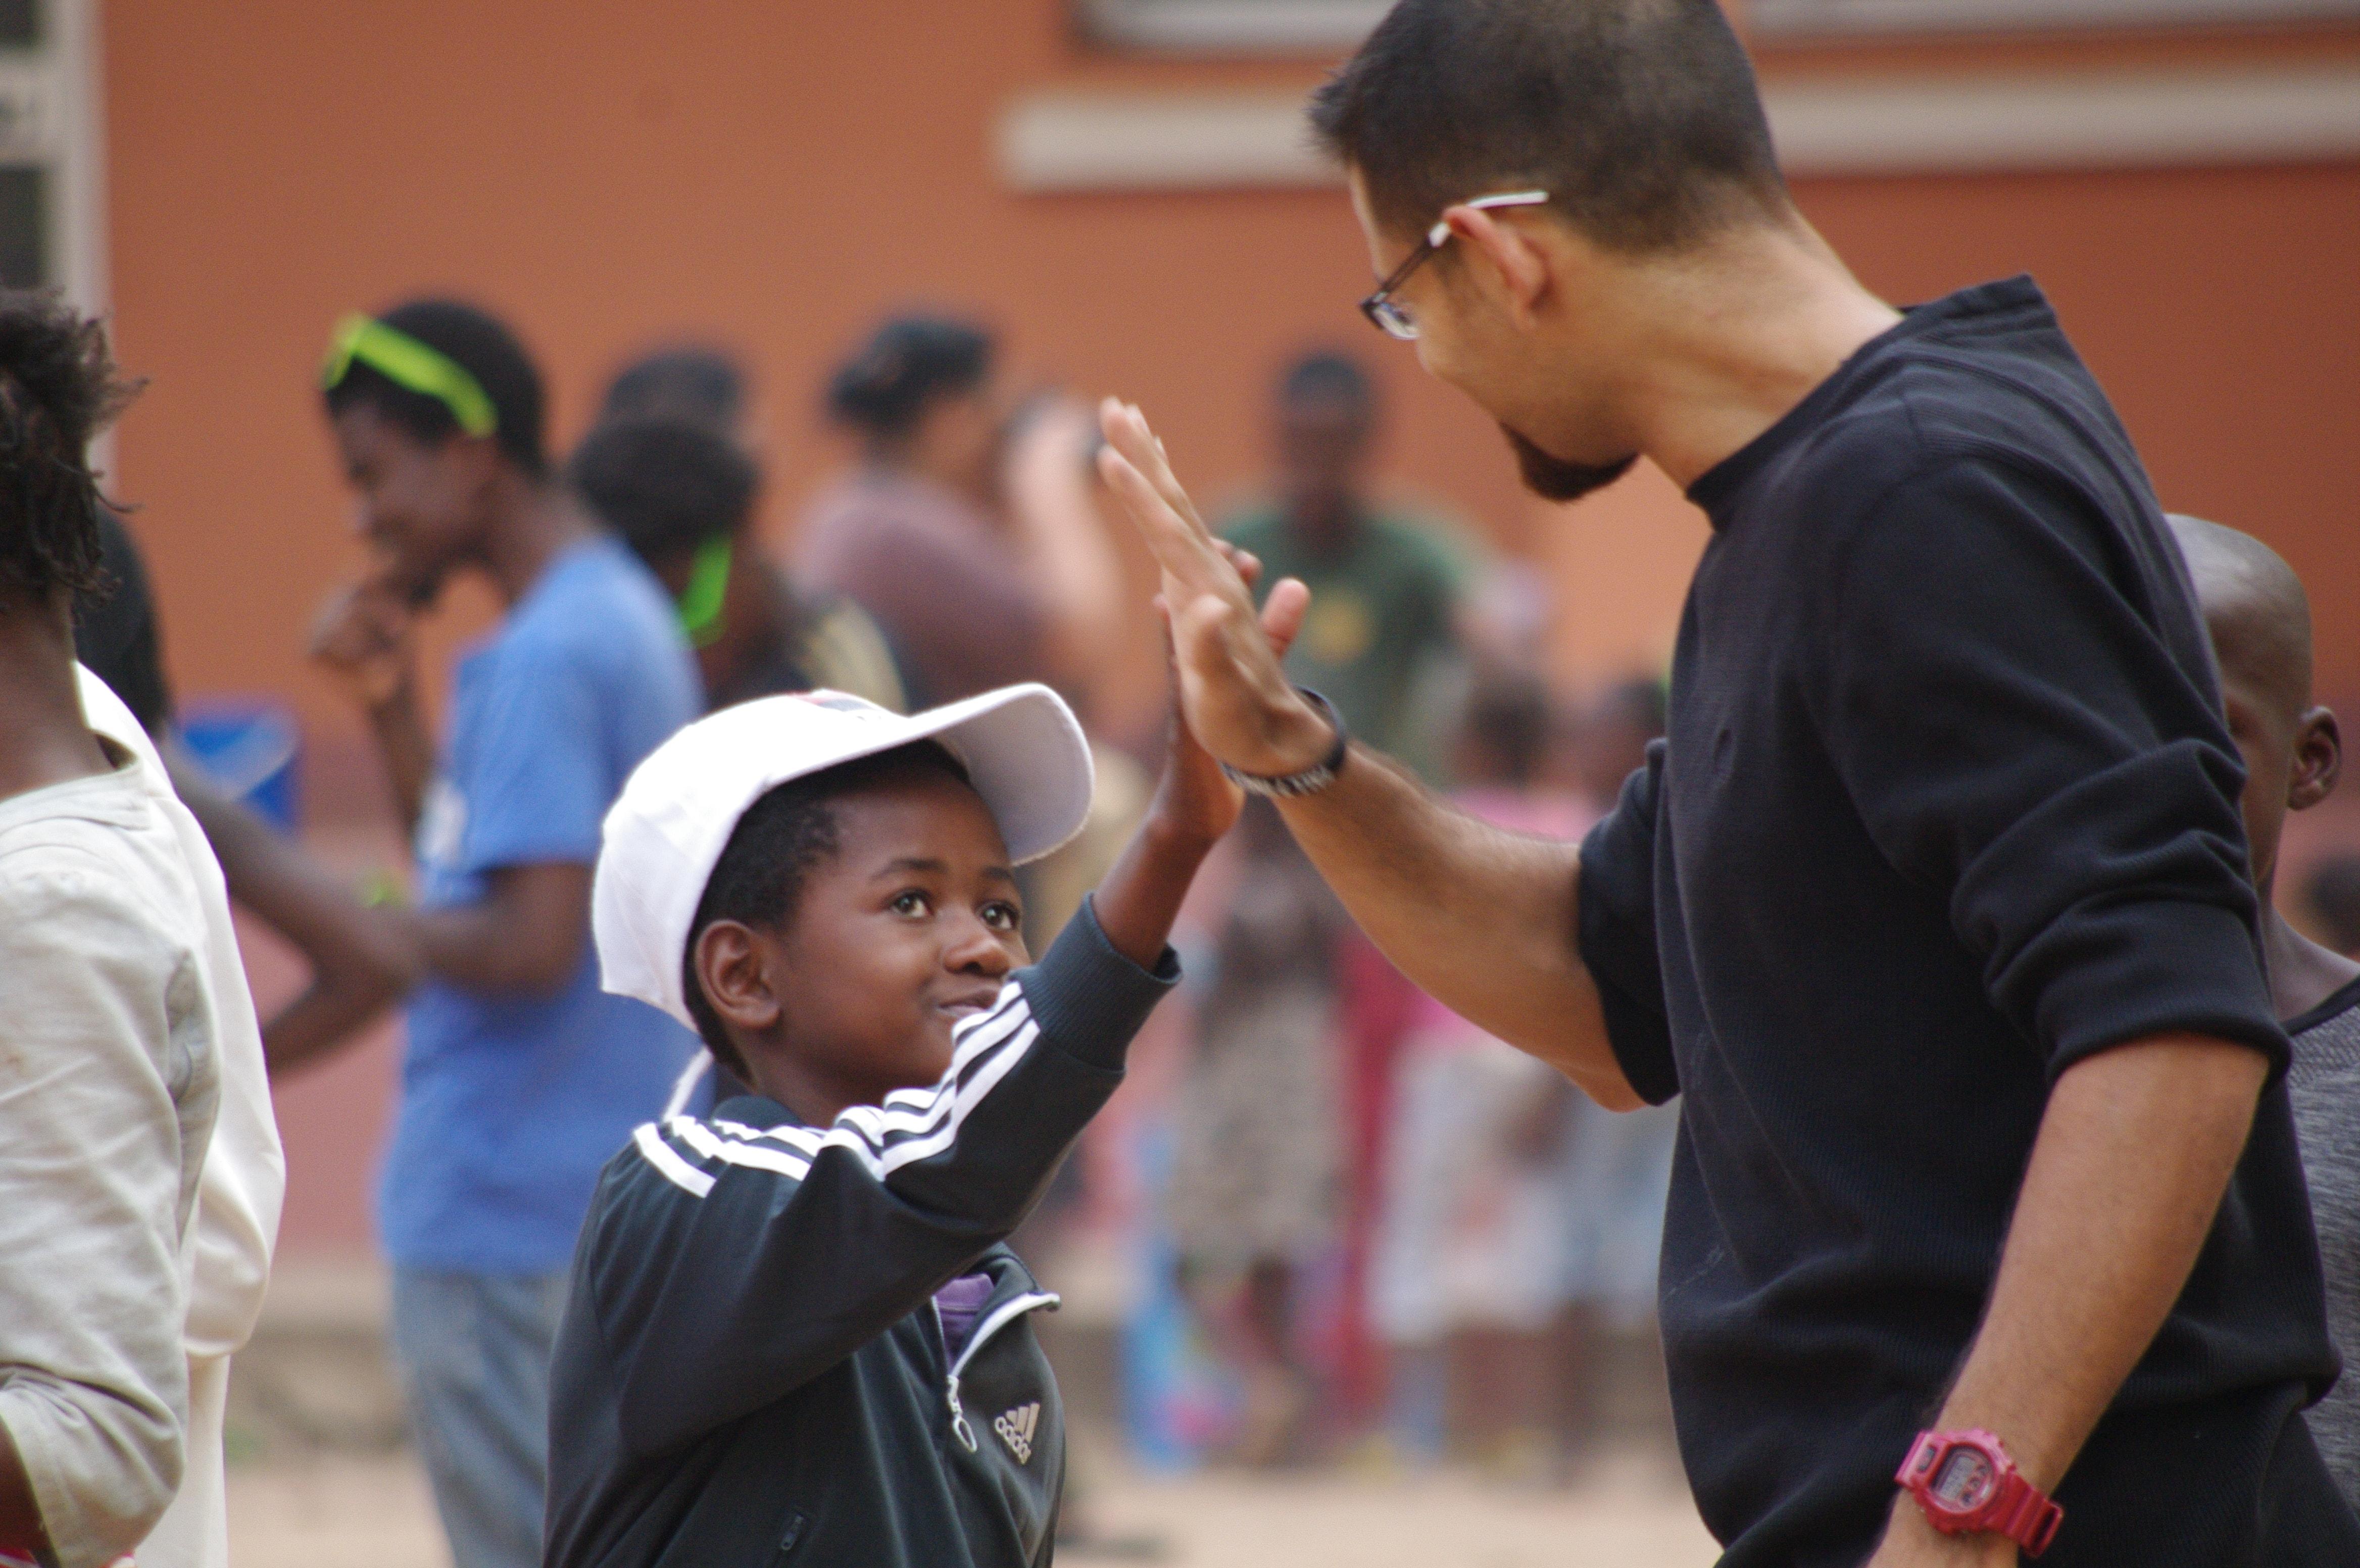 El grupo de misioneros/as hispano/as estuvo 15 días asistiendo en varias tareas incluyendo el ministerio de atención a niños/as y adolescentes.  Foto: Rev. Gustavo Vasquez, Noticias MU.